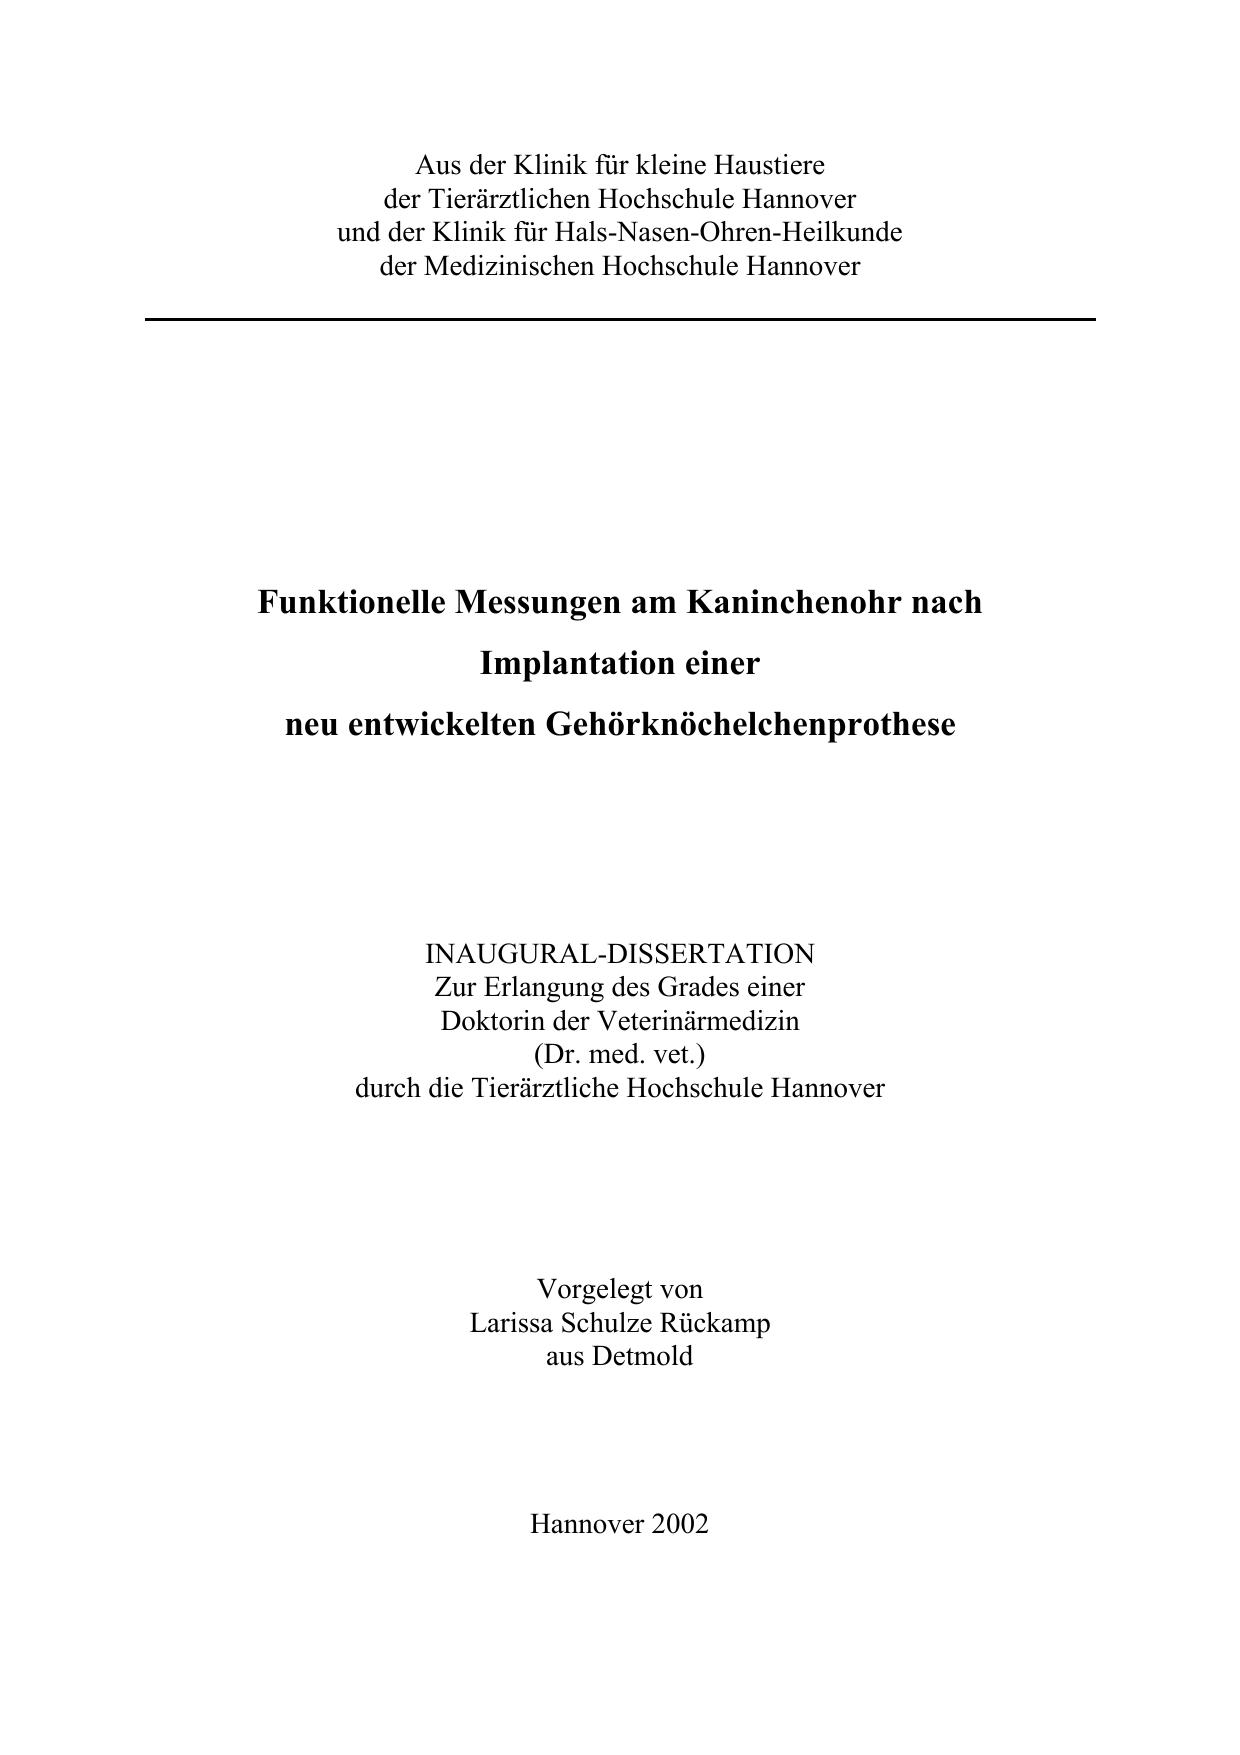 Funktionelle Einer Nach Kaninchenohr Am Messungen Implantation AL3Rj54